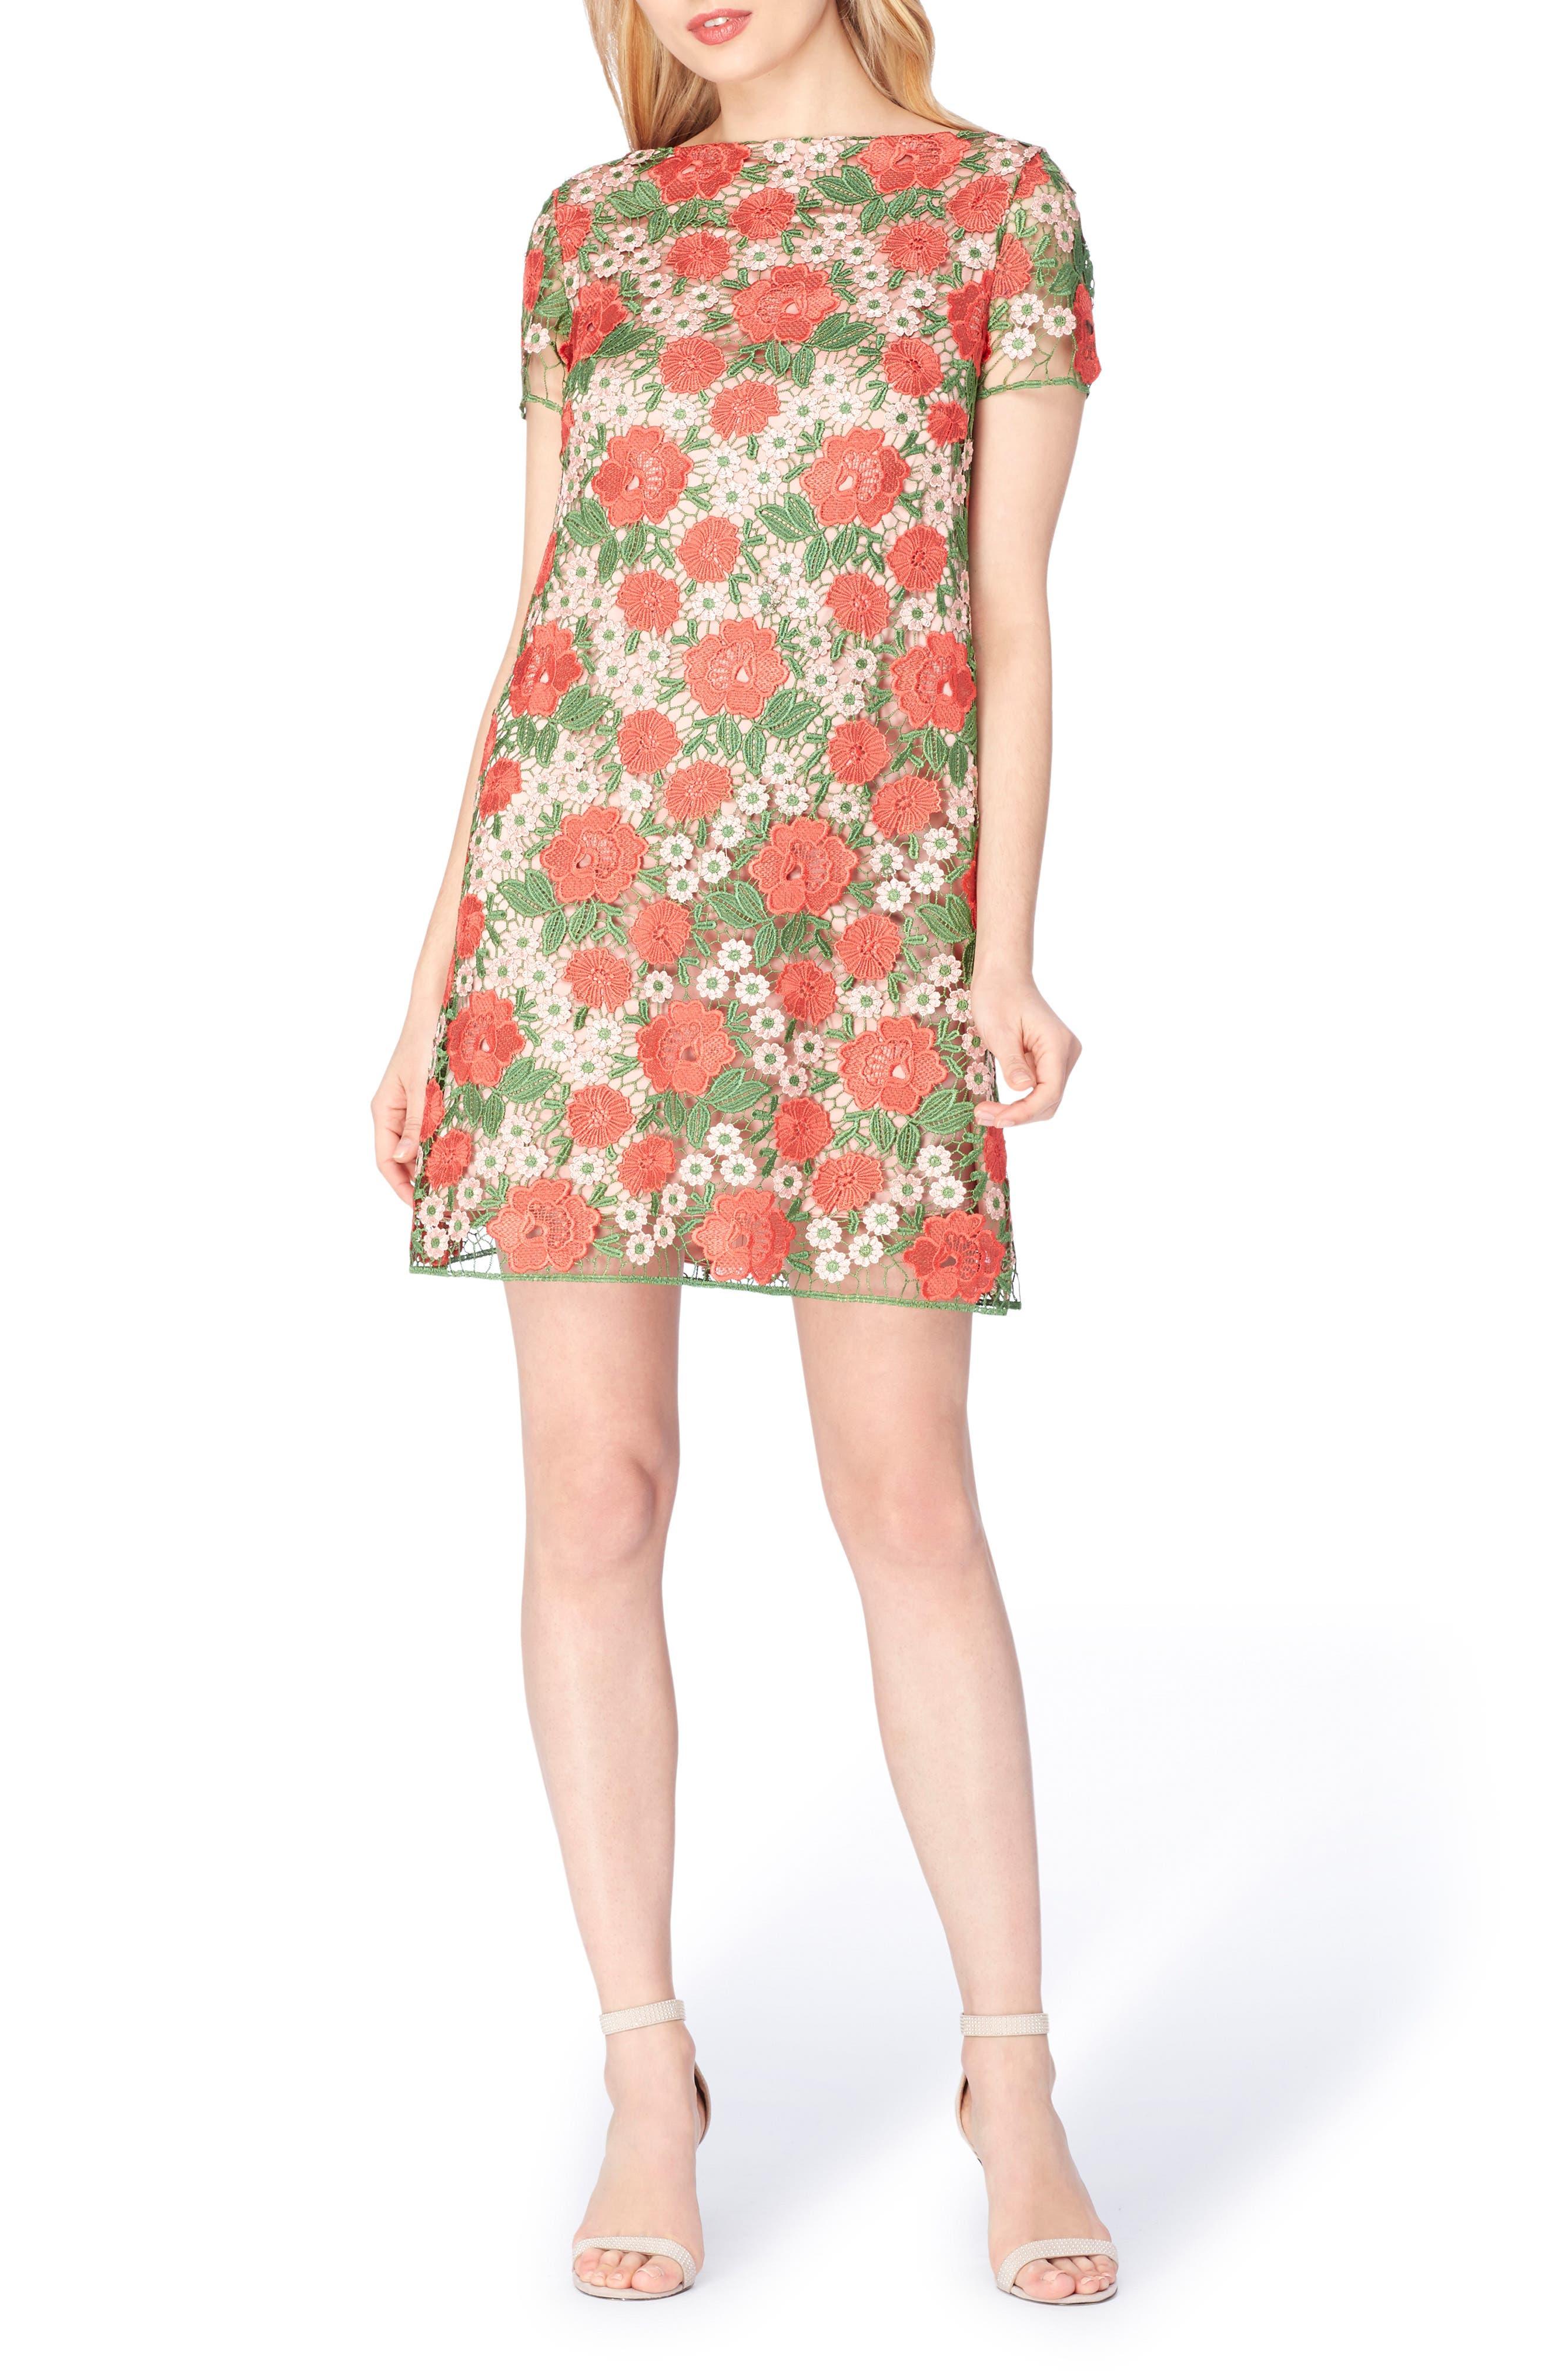 Alternate Image 1 Selected - Tahari Floral Lace Shift Dress (Regular & Petite)